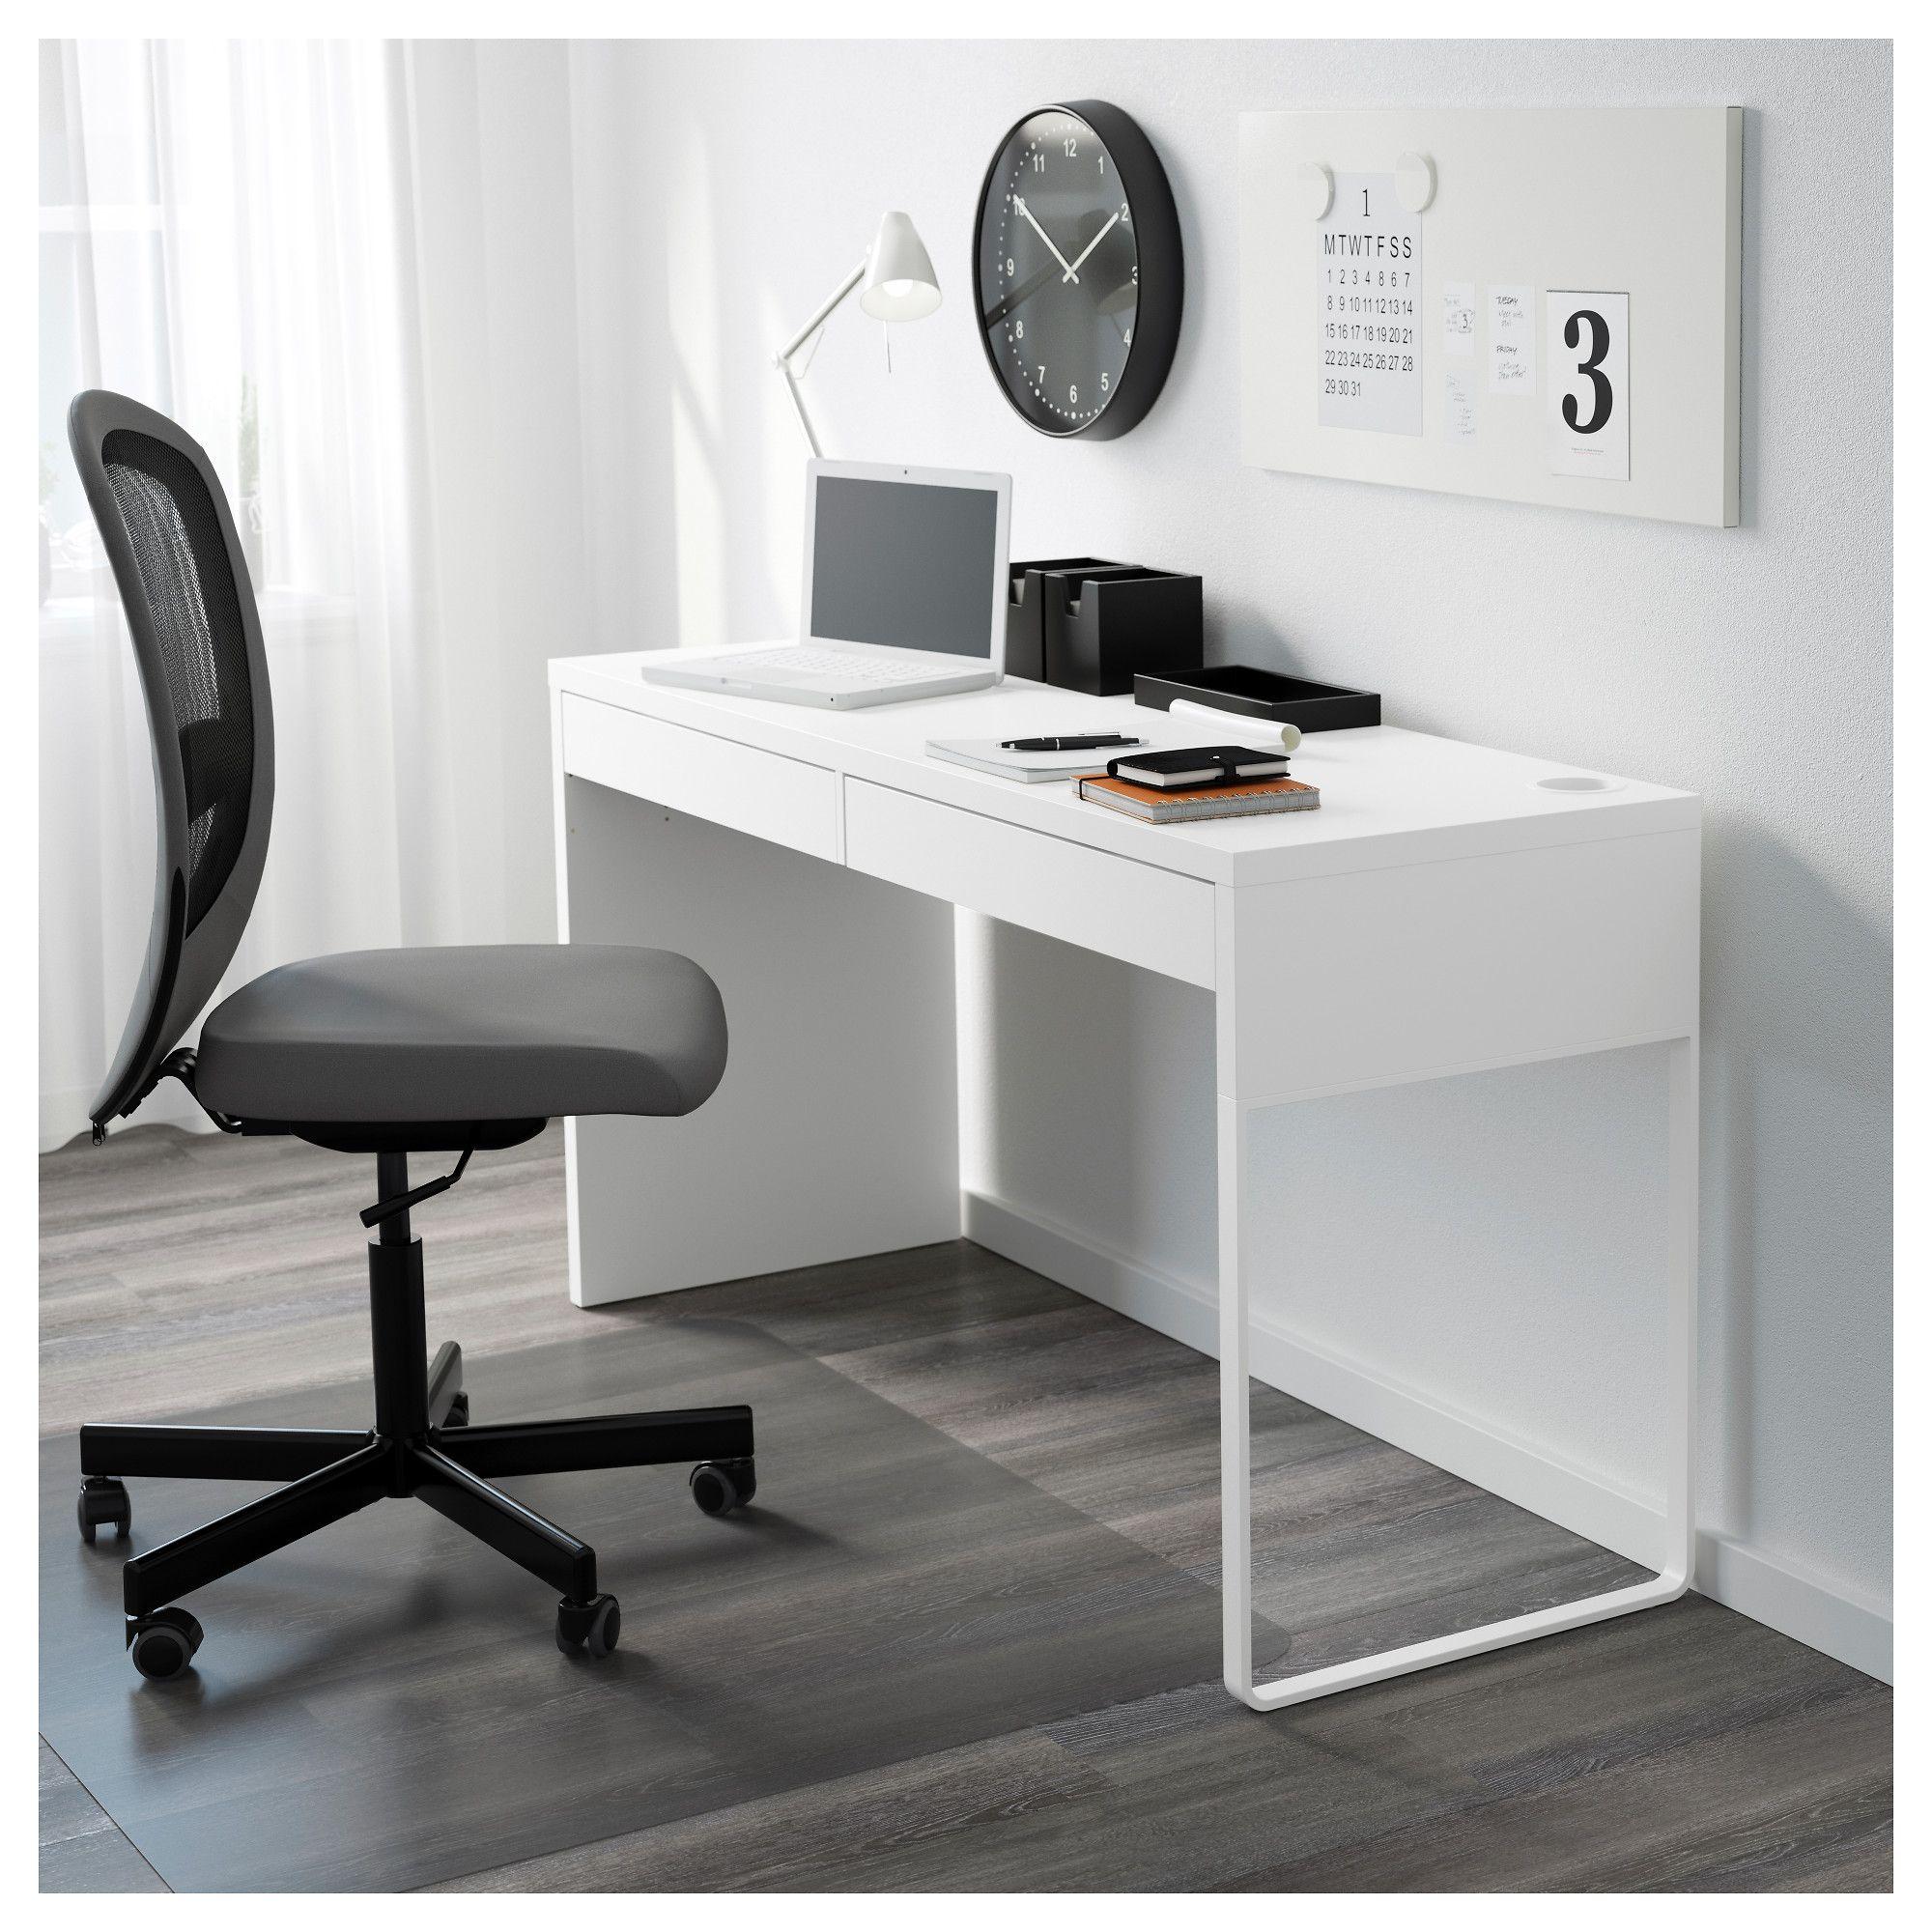 Micke White Desk 142x50 Cm Ikea Ikea Micke Desk Ikea Micke